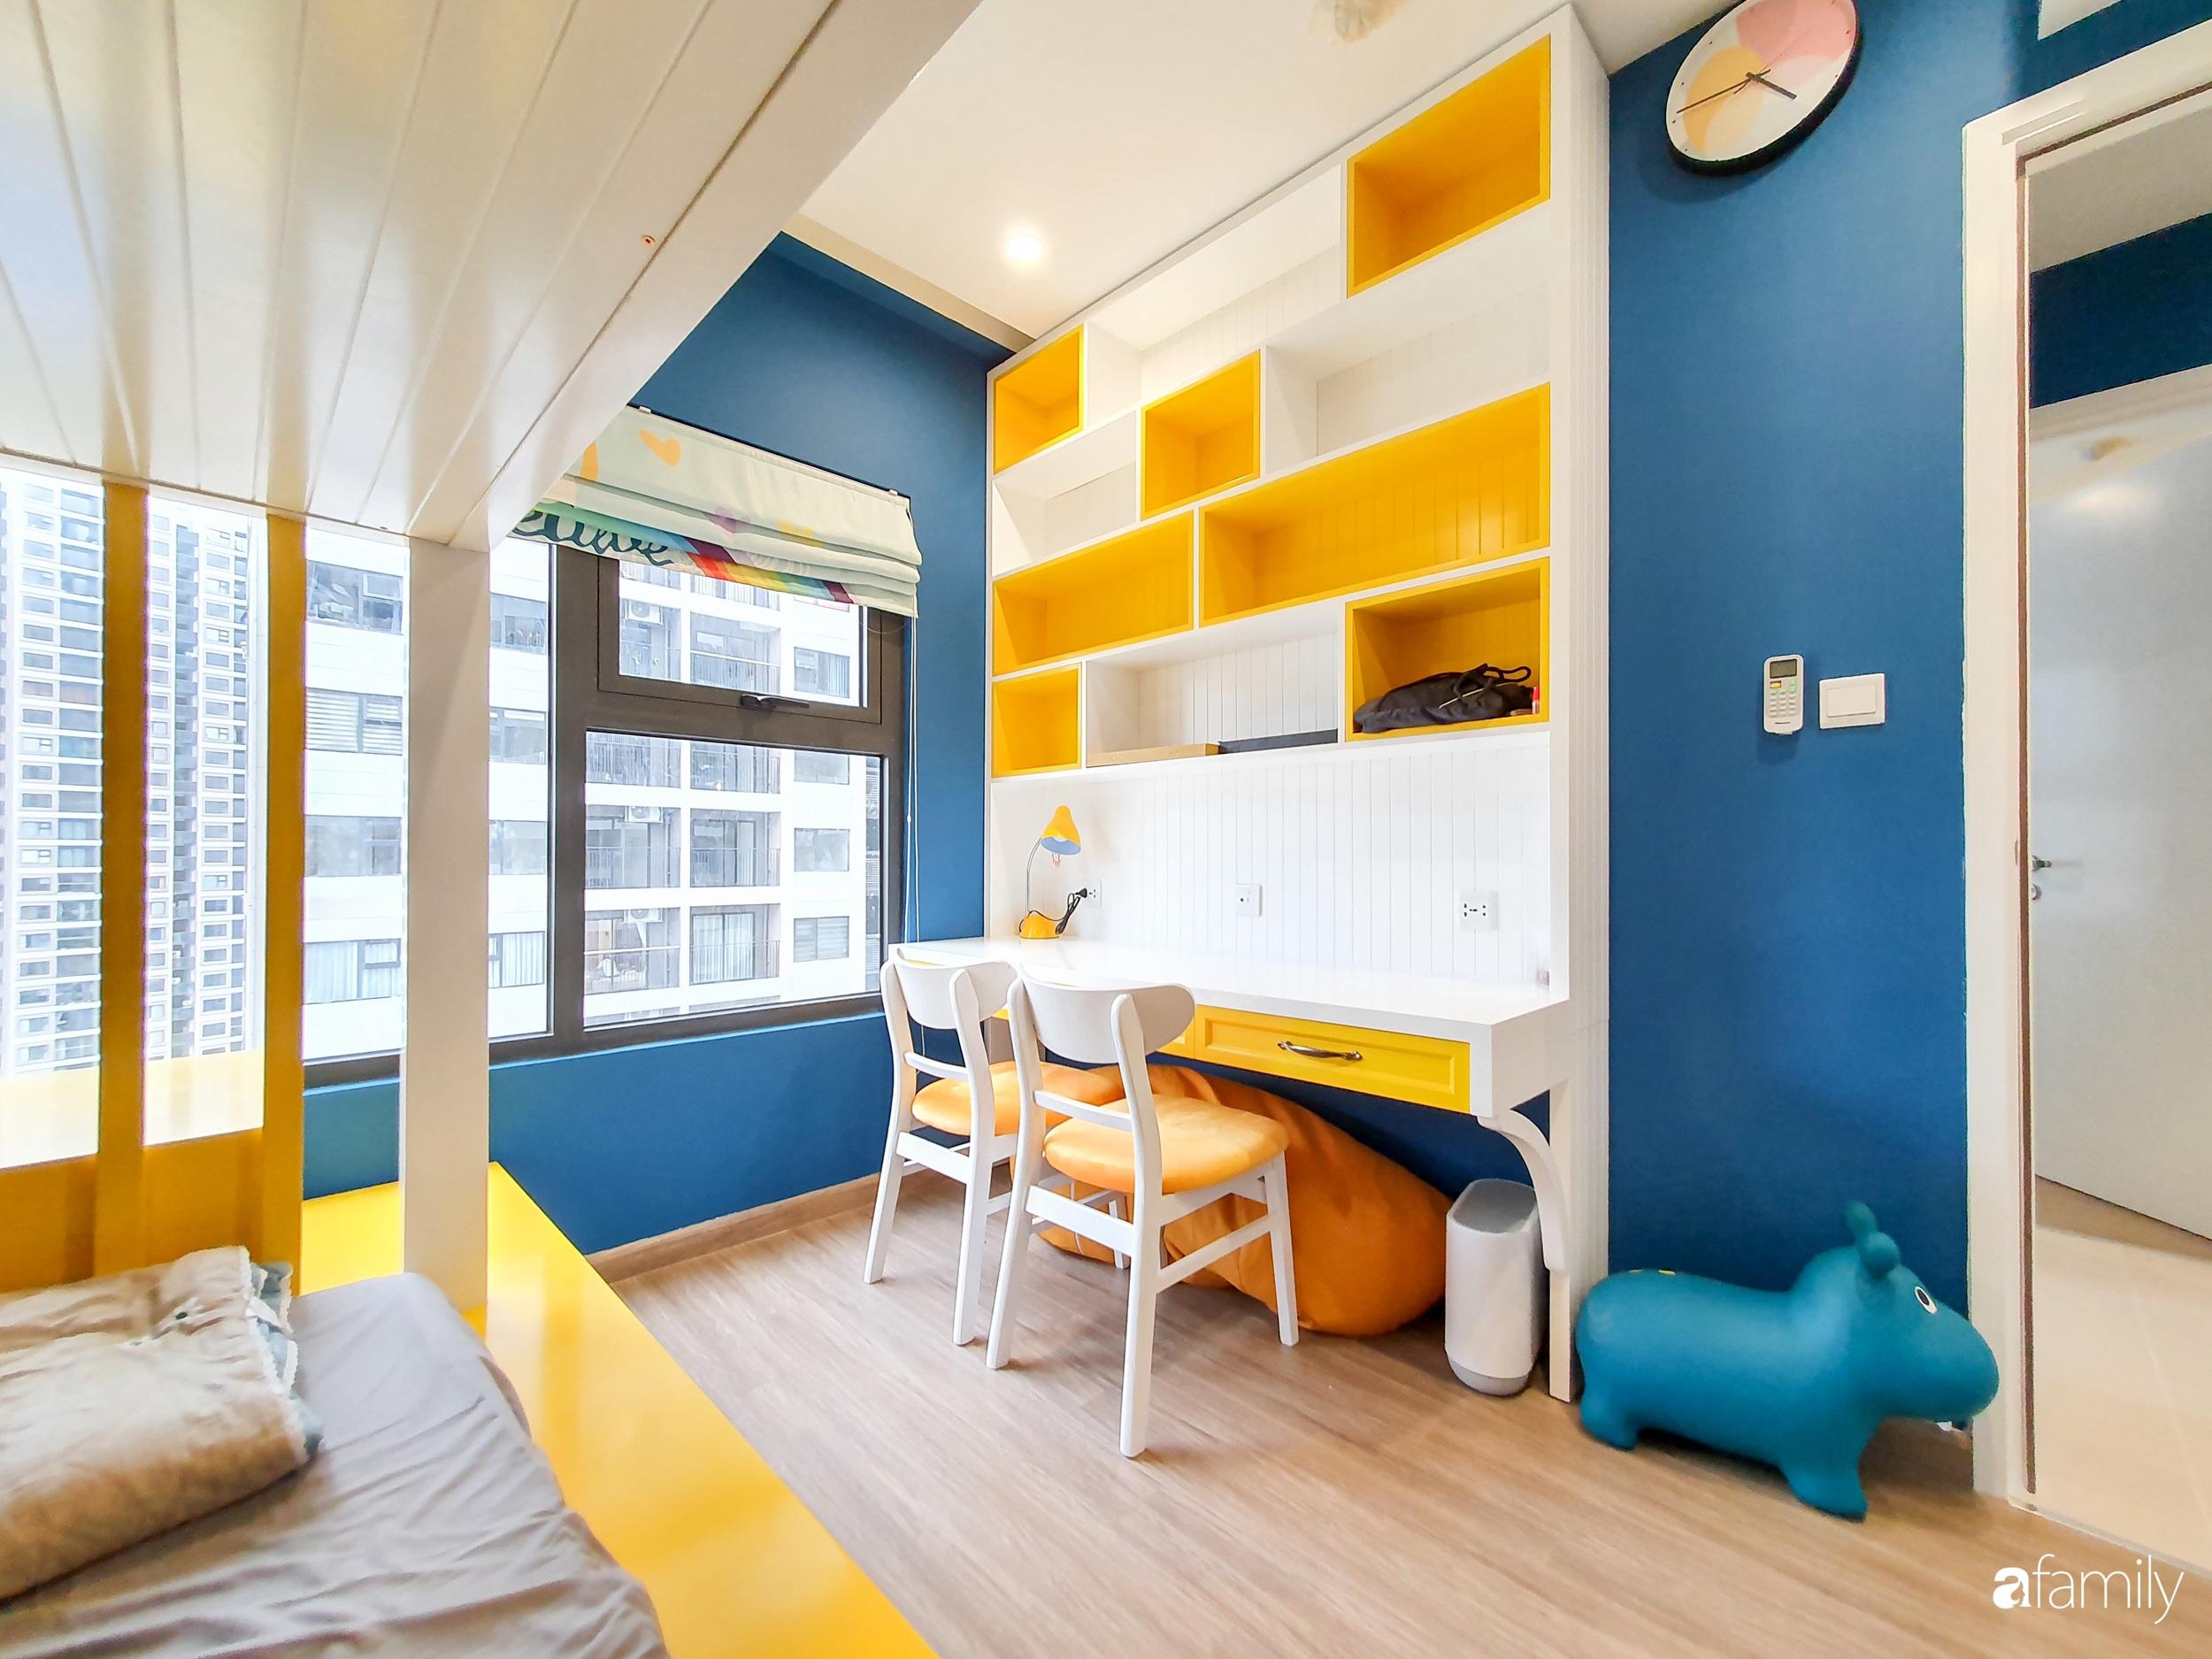 Căn hộ 75m² cá tính với cách phối màu vàng - xanh tinh tế có chi phí hoàn thiện 270 triệu đồng ở Hà Nội - Ảnh 16.